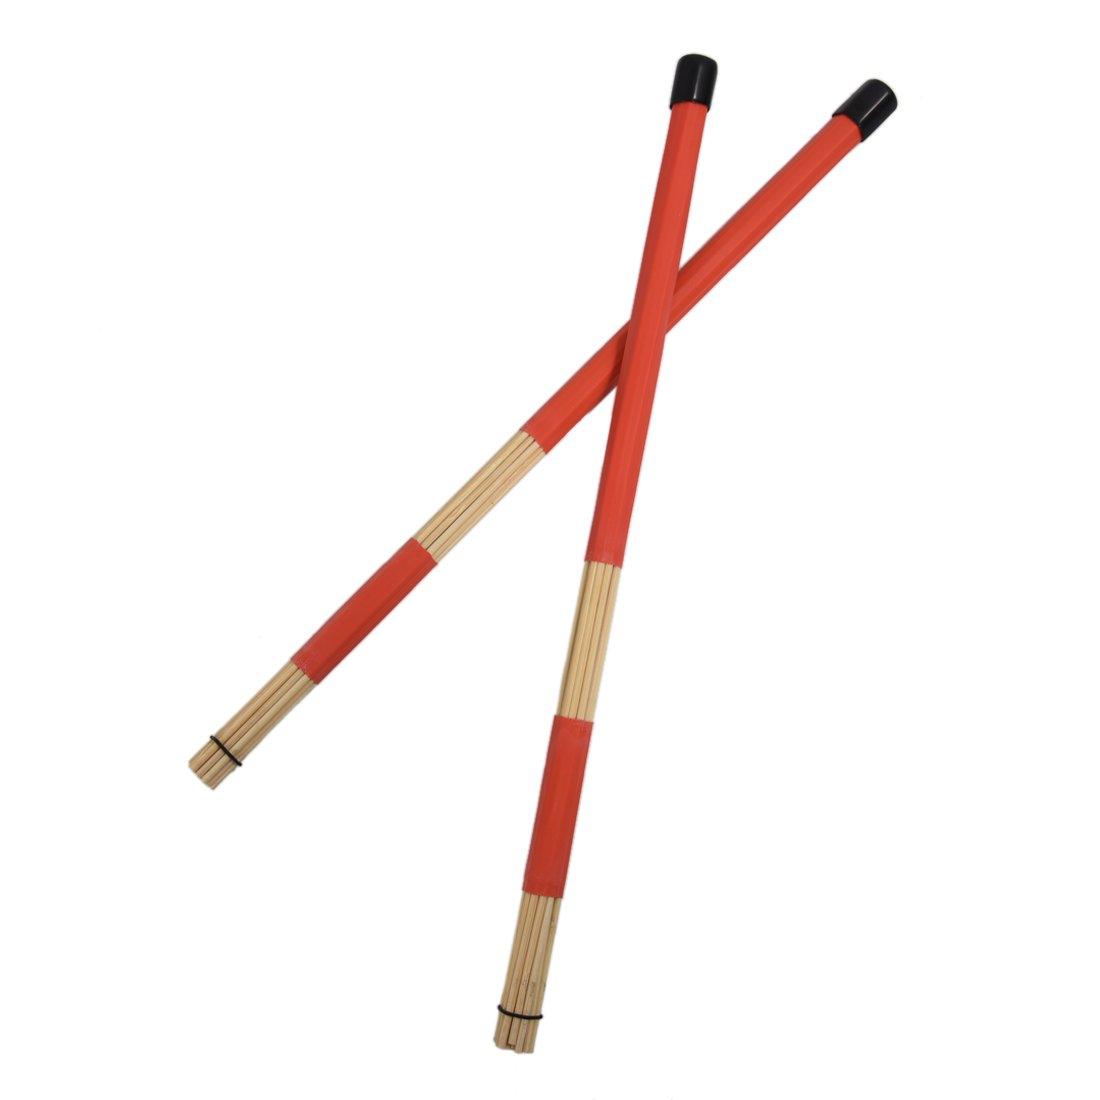 Rojo Nrpfell 1 par 40CM Vara de Bambu Baquetas Cepillos de Tambor para Musica folklorico Jazz